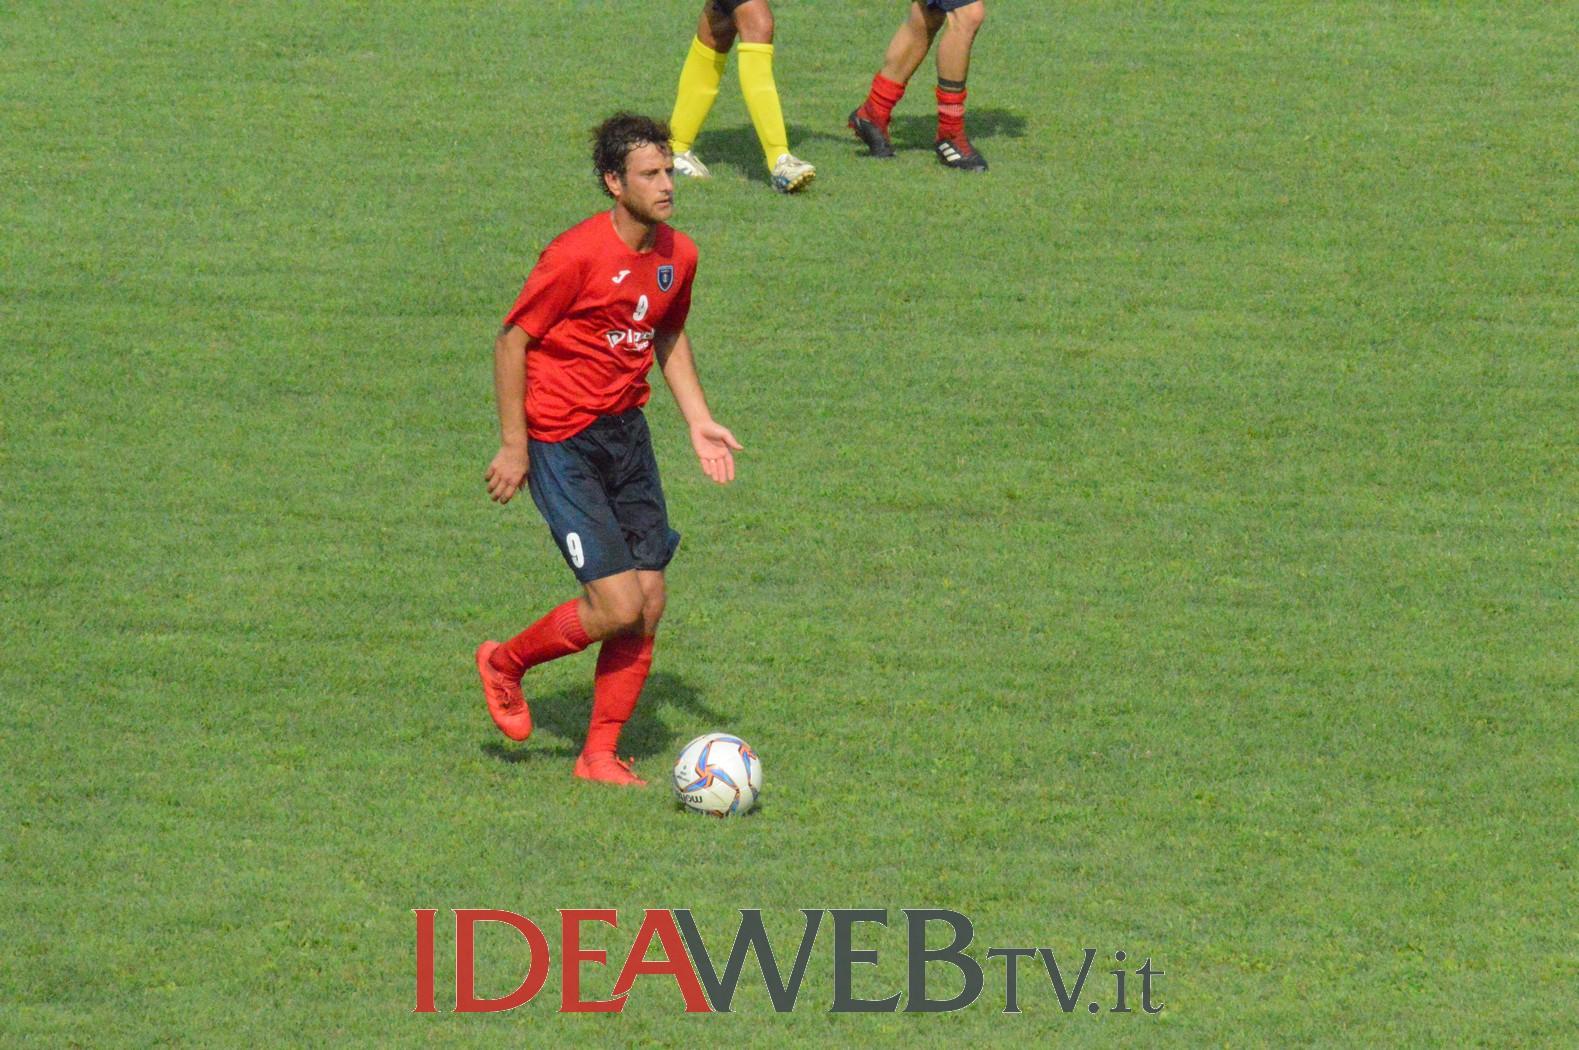 Sport Calcio Serie A Calendario Risultati E Classifica.Eccellenza B Live I Risultati Finali Della Prima Giornata E